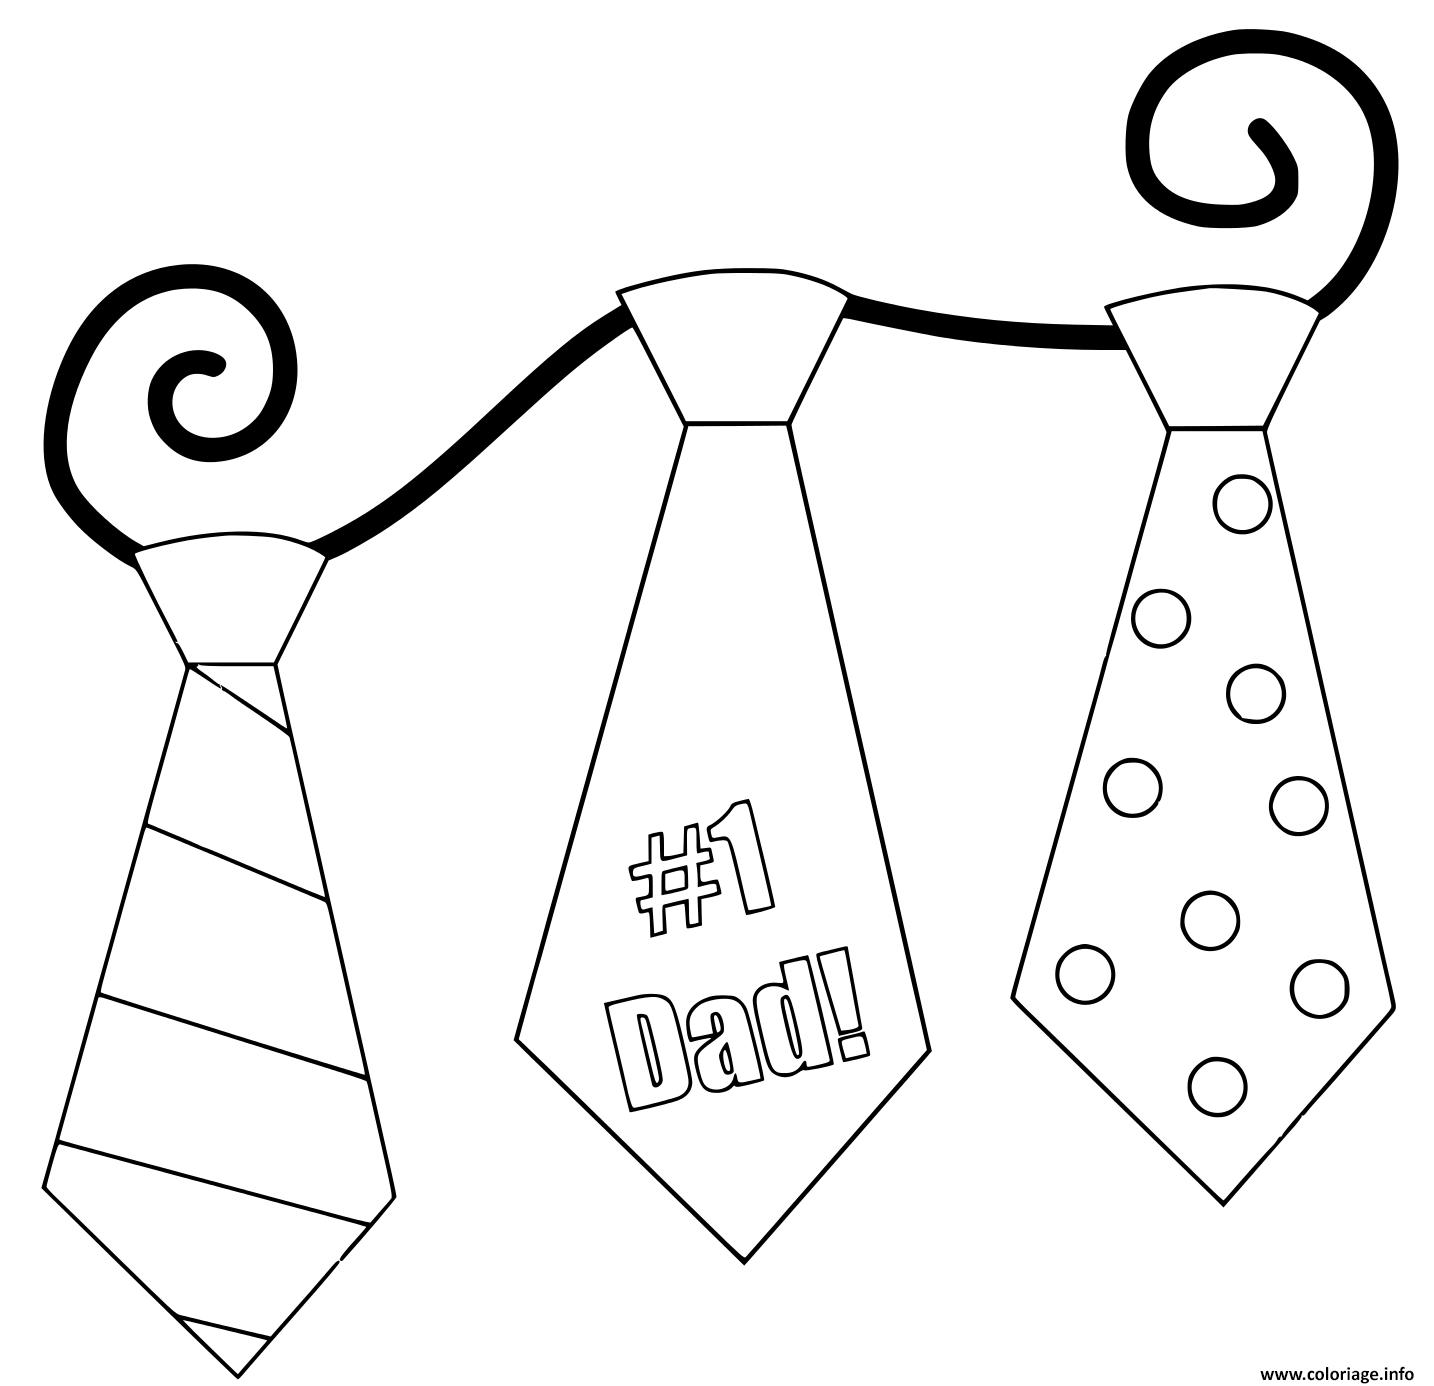 Dessin cravattes fete des peres Coloriage Gratuit à Imprimer